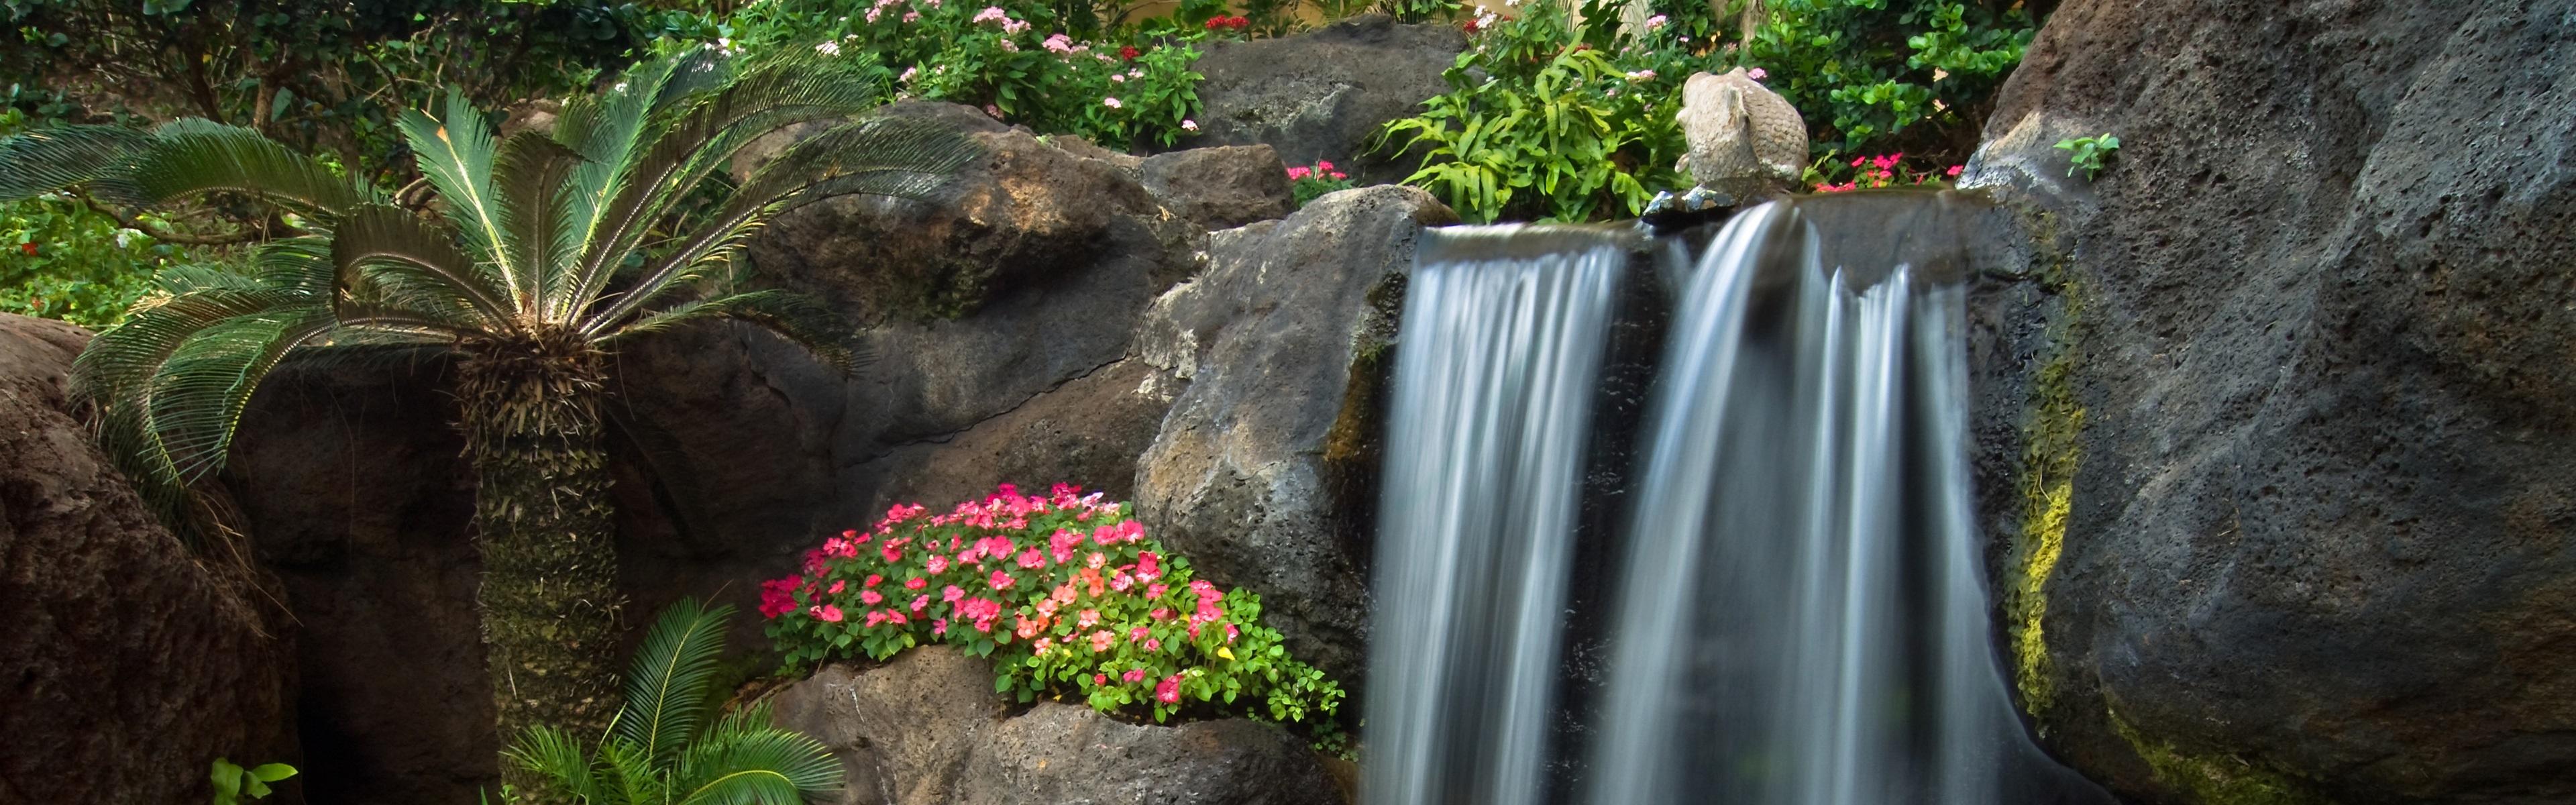 Jard n peque a cascada piedras flores de petunia palma for Piedras para cascadas